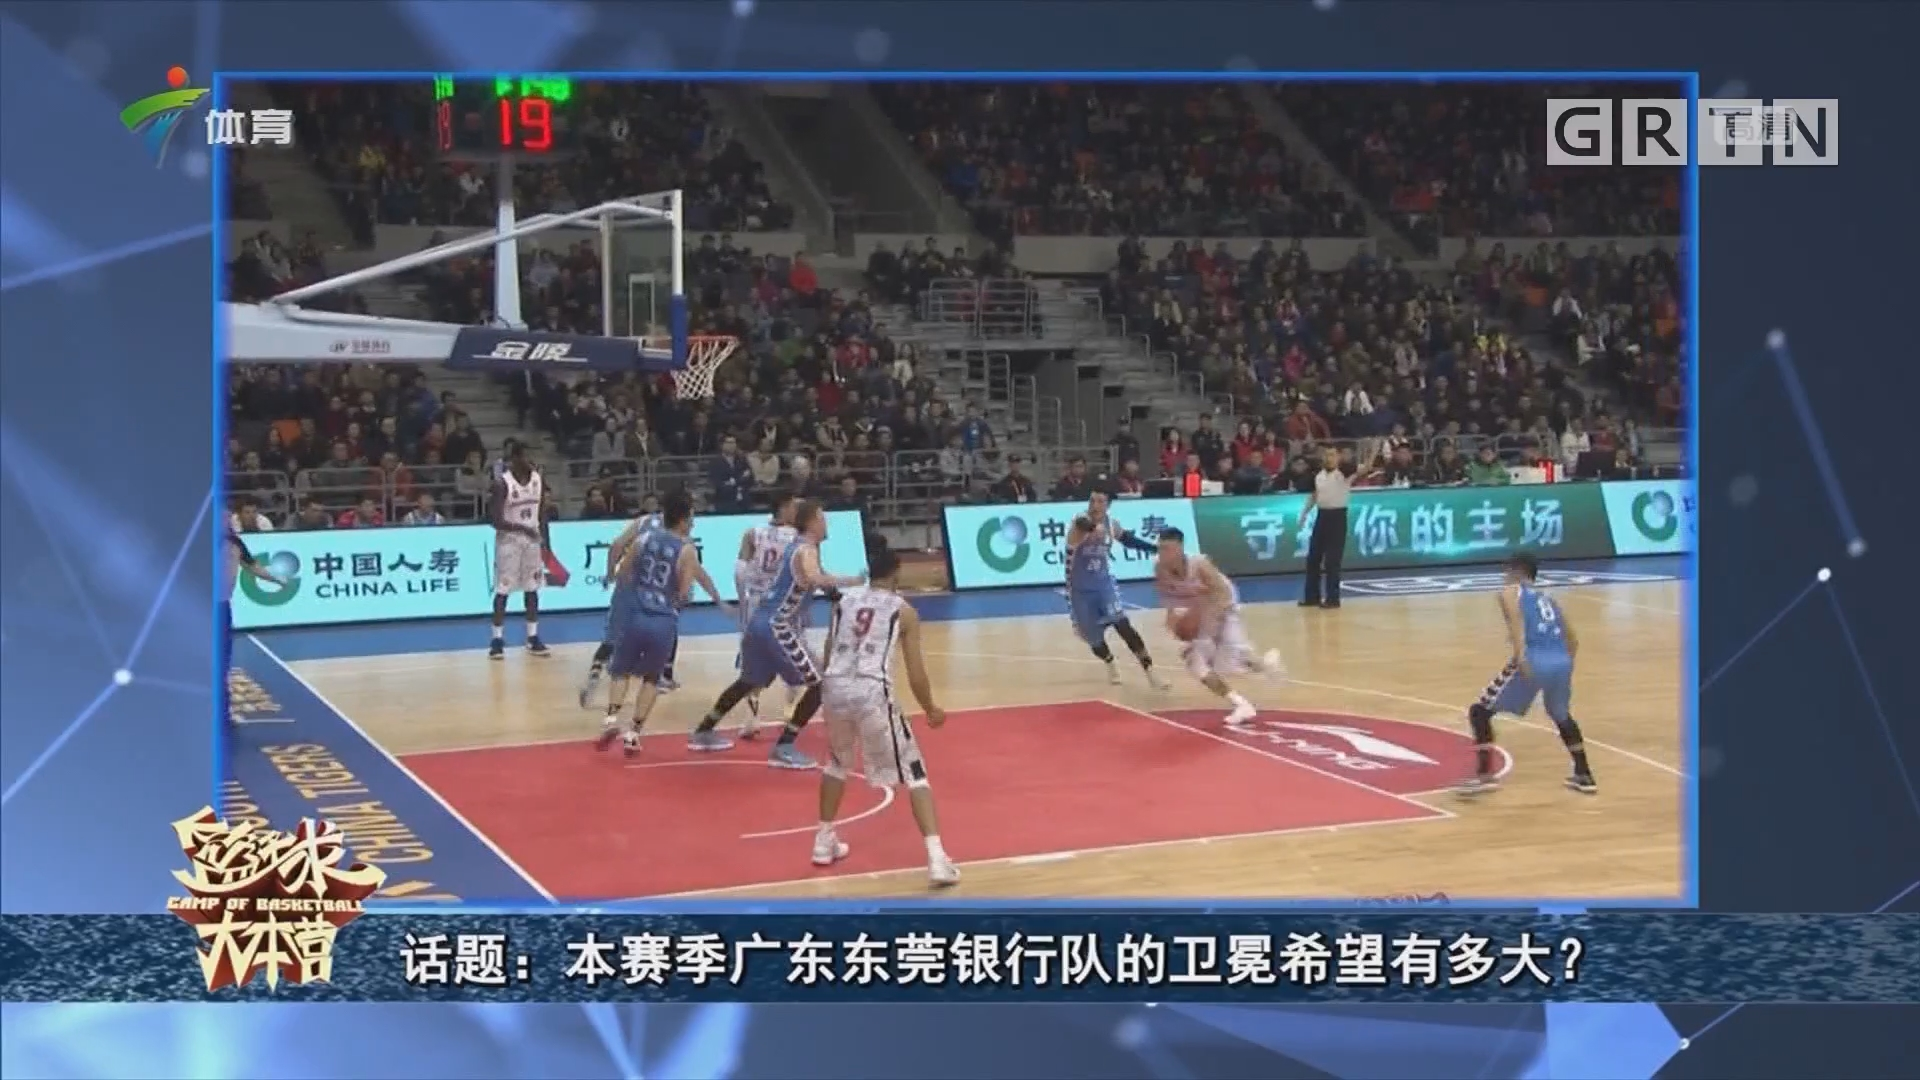 话题:本赛季广东东莞银行队的卫冕希望有多大?